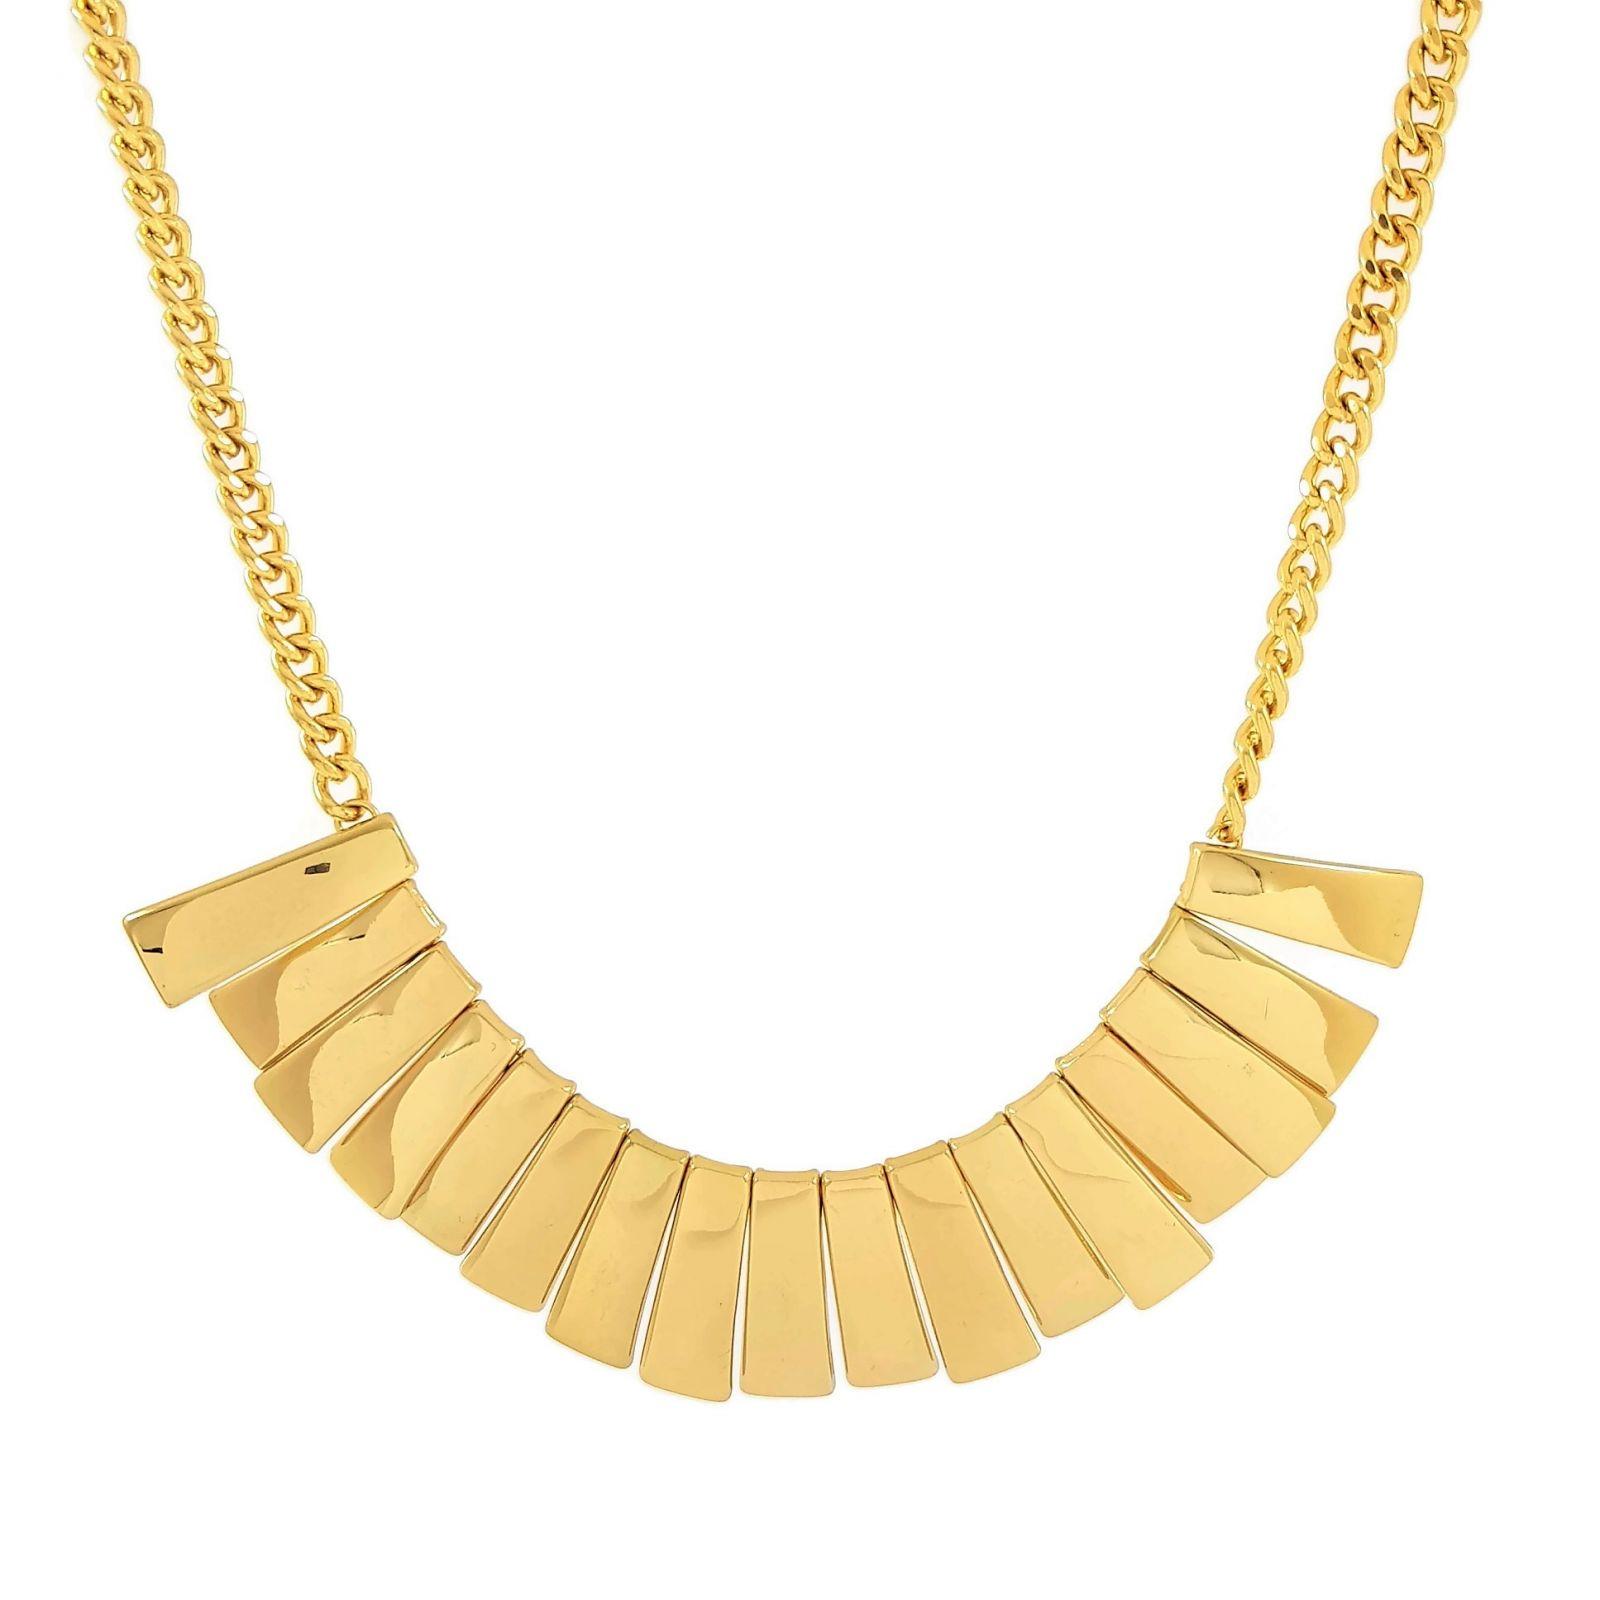 Zlatý masivní náhrdelník z destiček, Egyptský styl GIIL